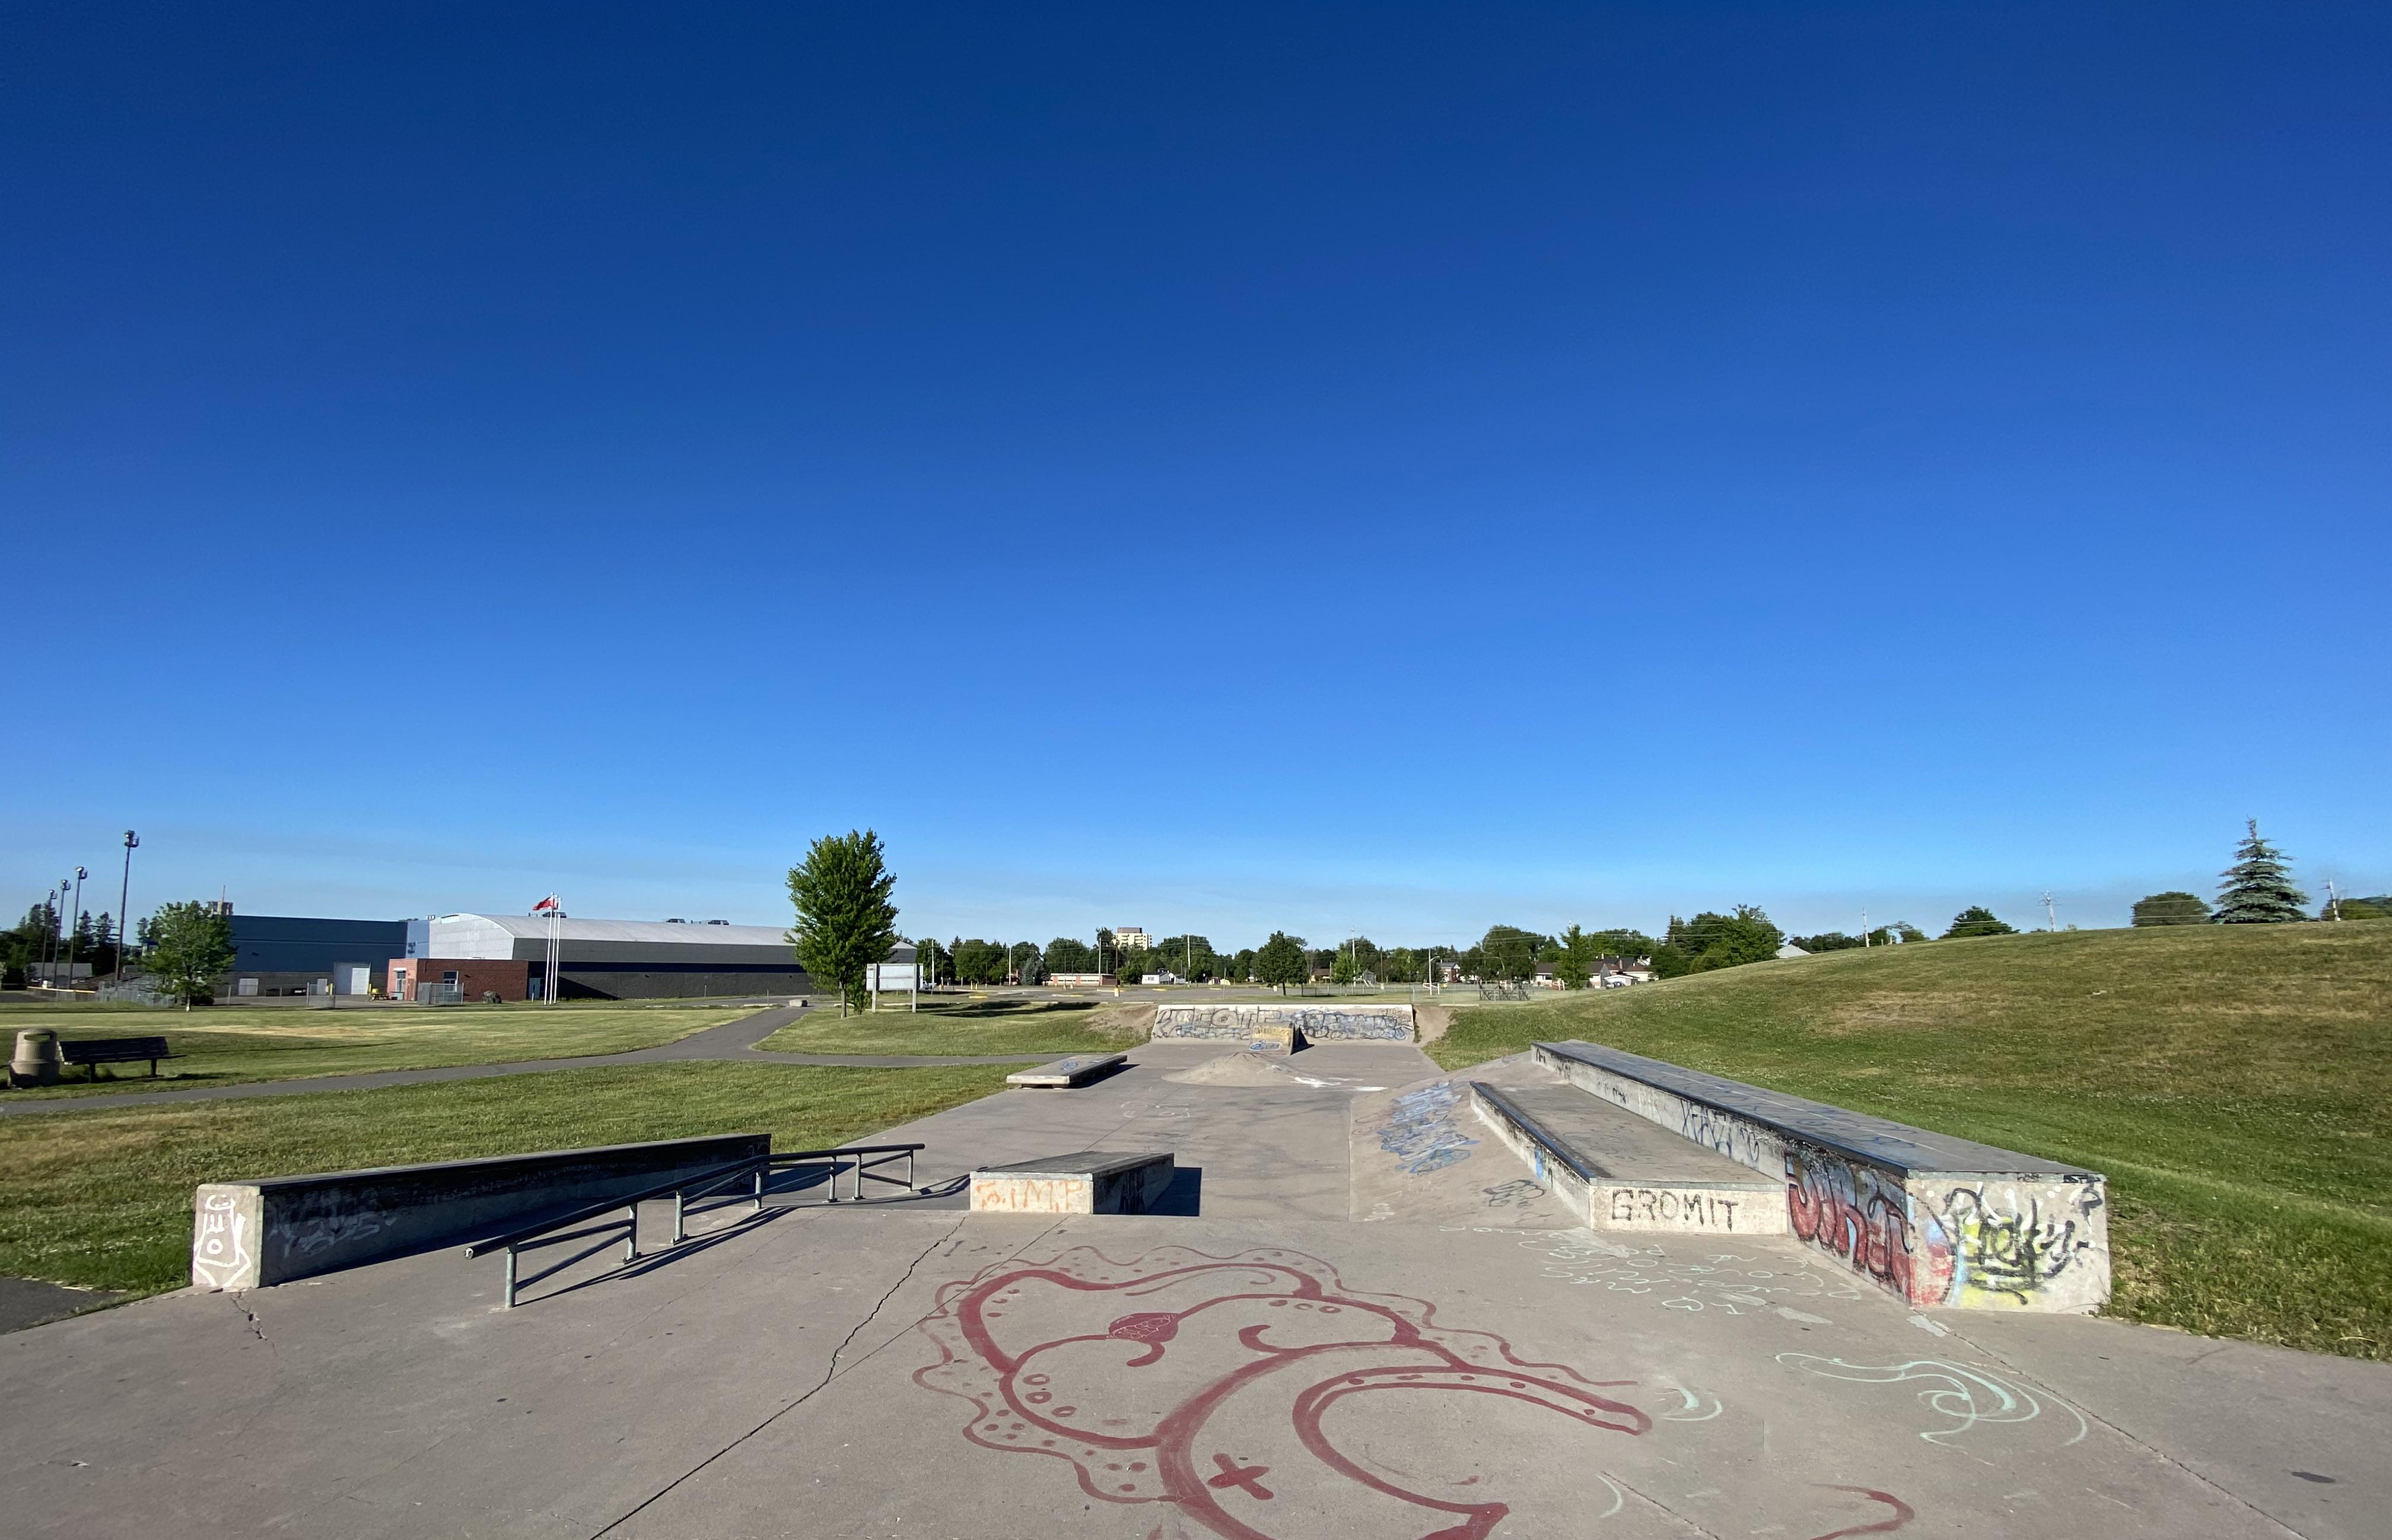 sault-ste marie skatepark rear section